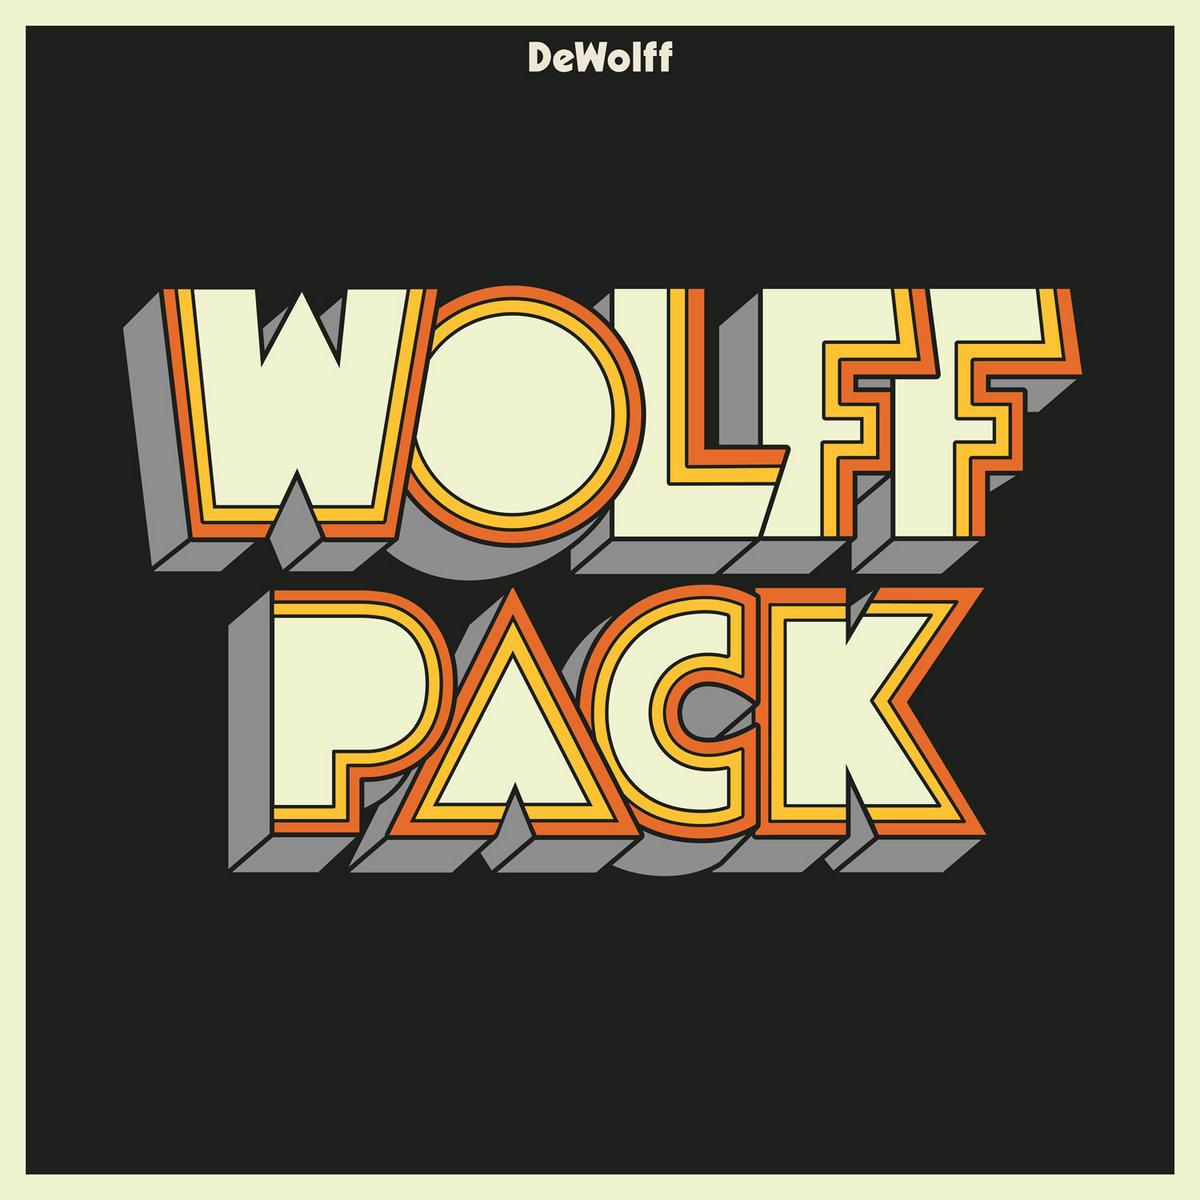 DEWOLFF.- Presentación en vivo de su nuevo álbum 'Wolffpack' .